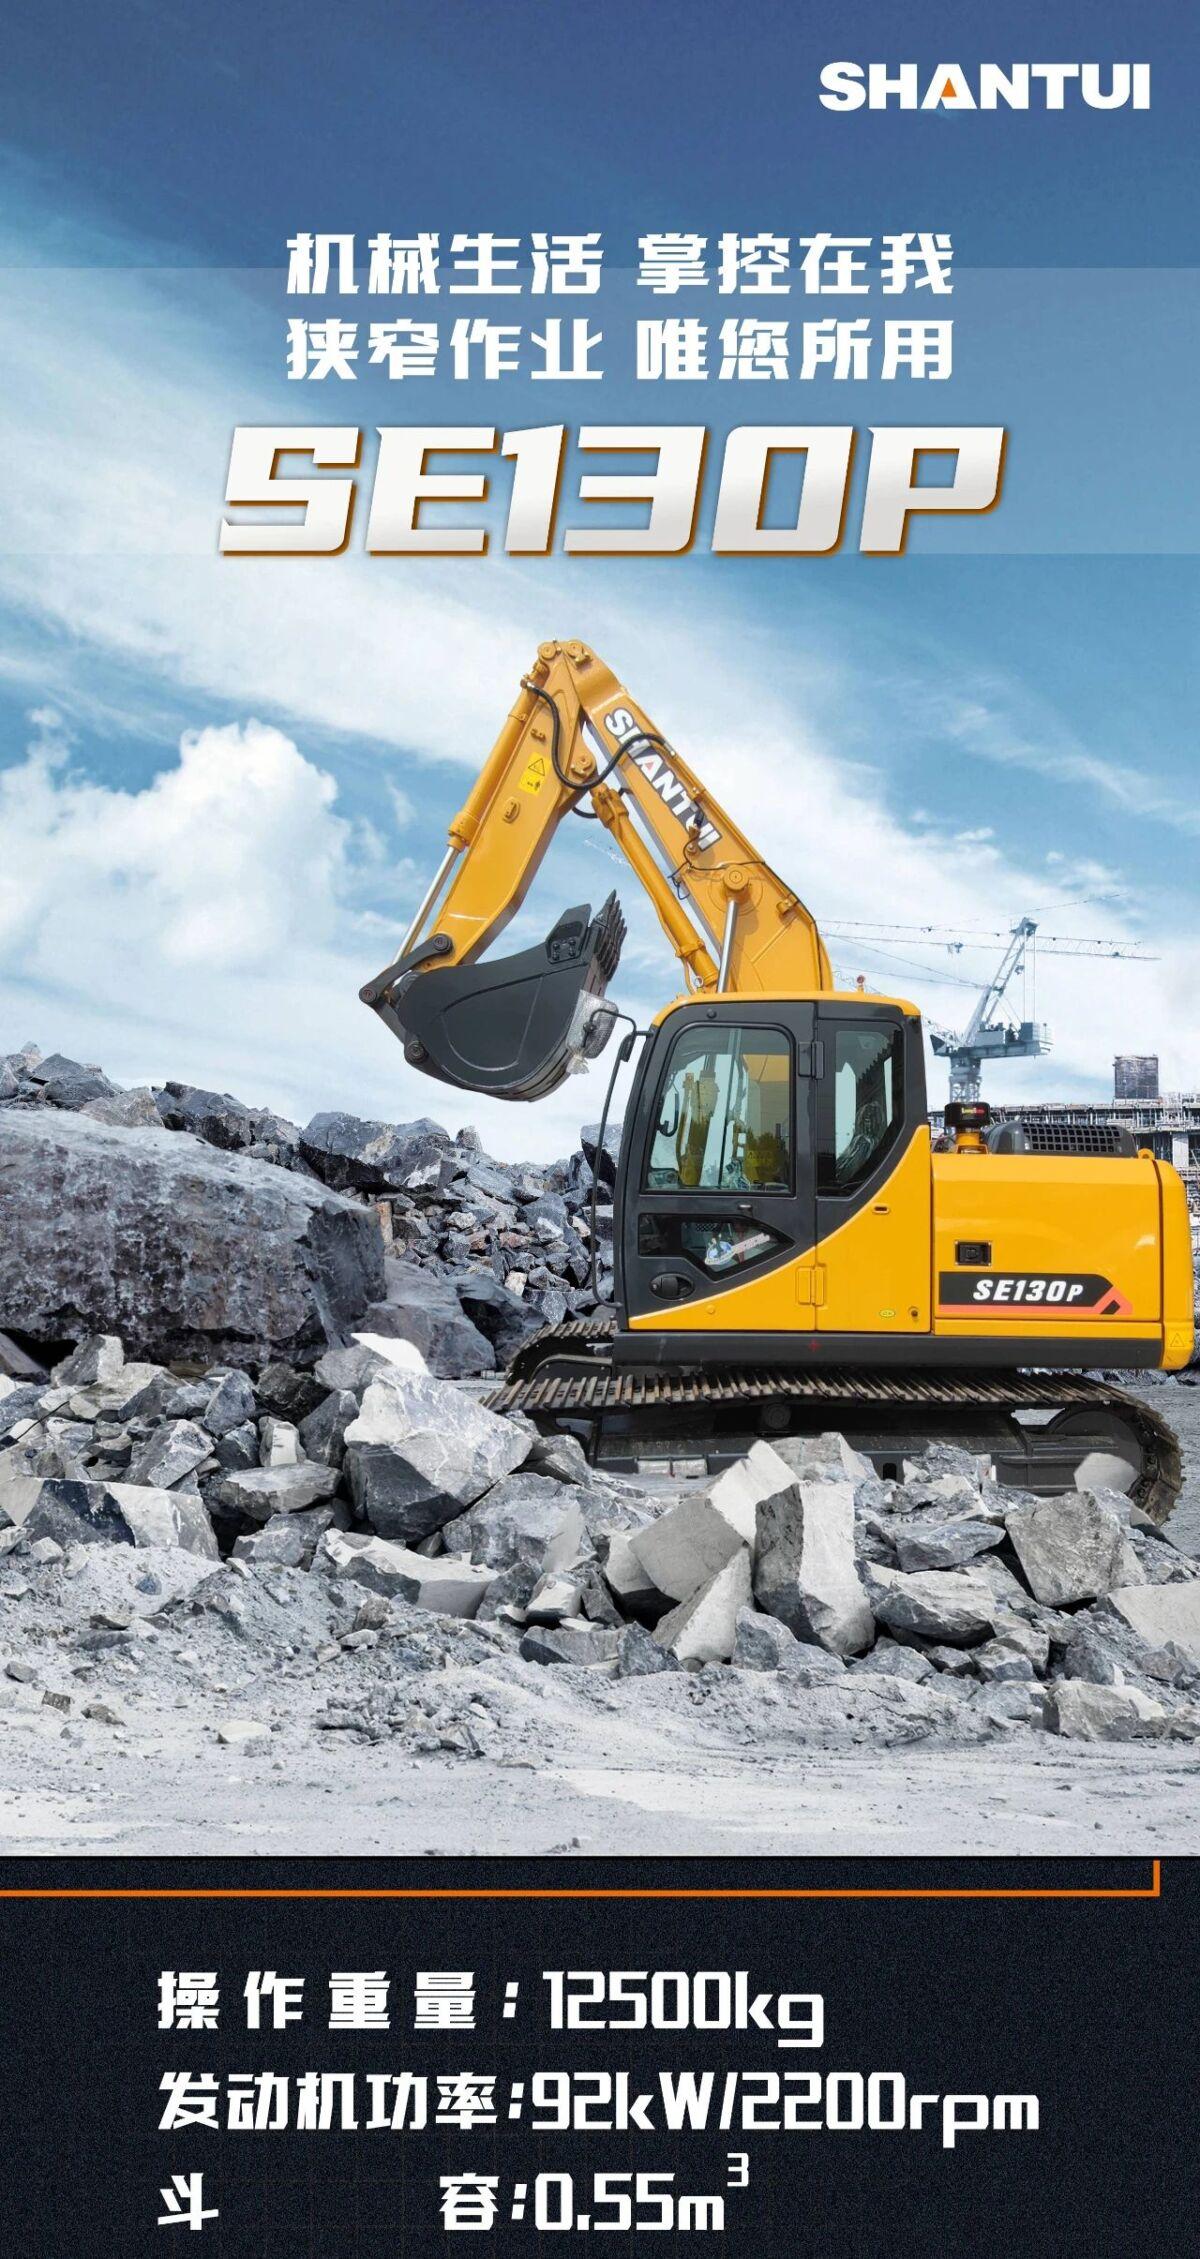 山推SE130P挖掘机上线